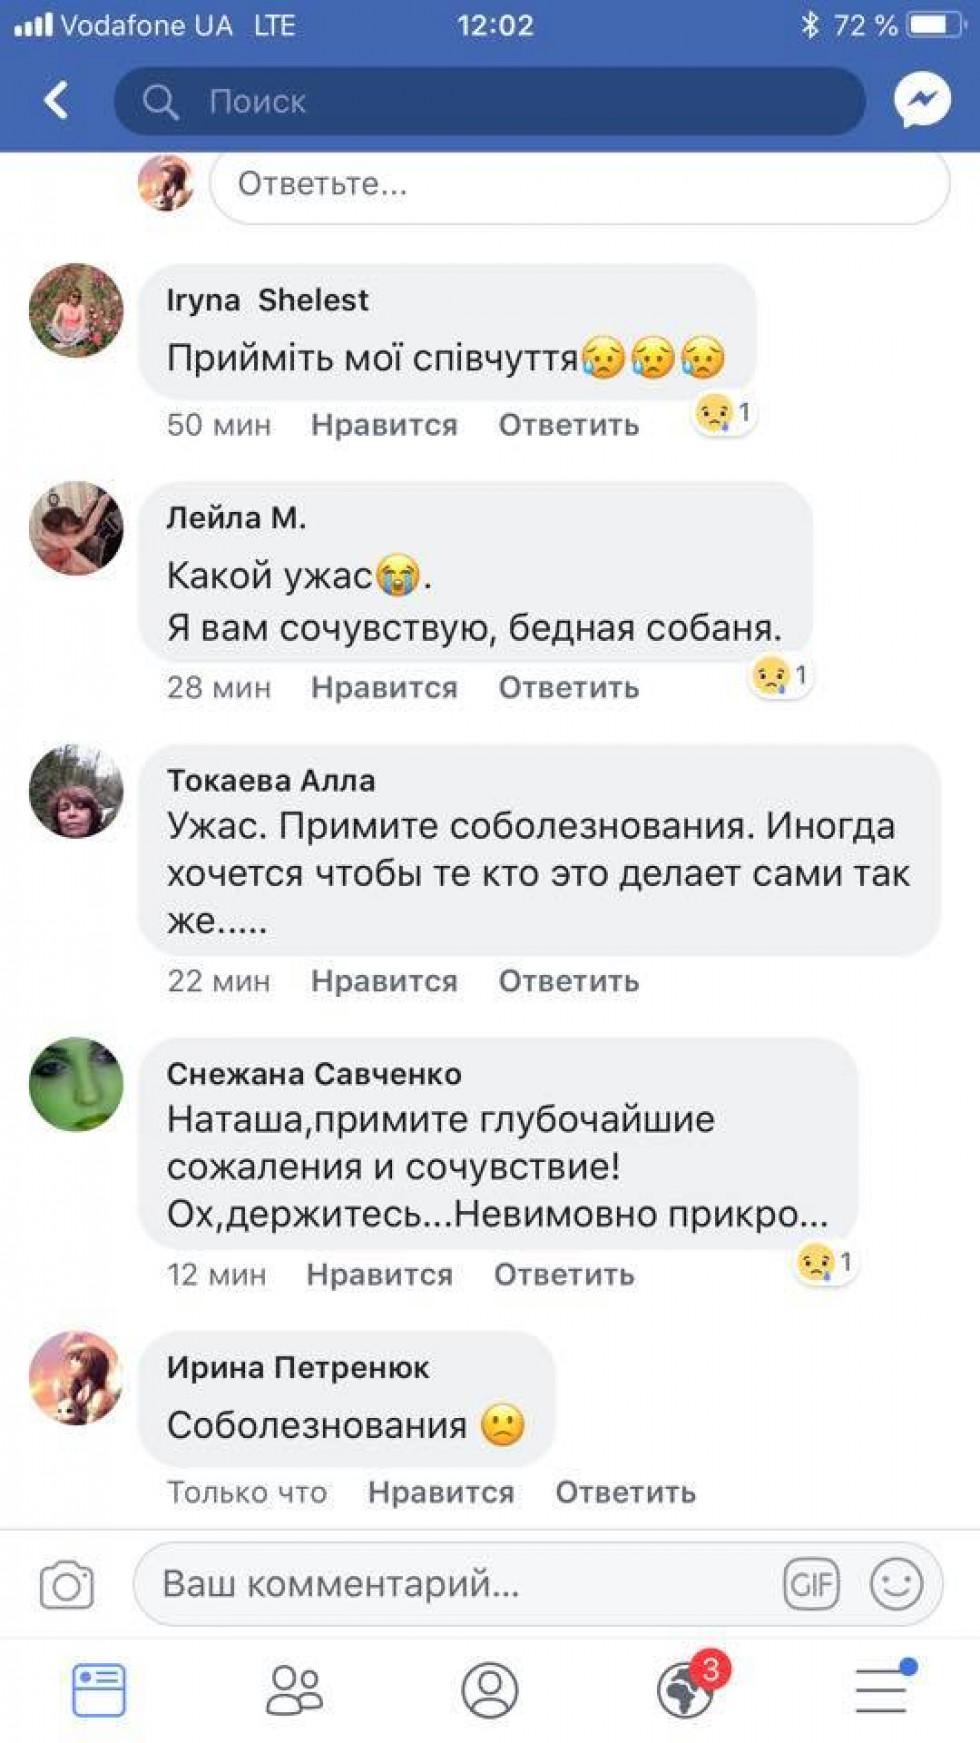 Коментарі користувачів соцмережі